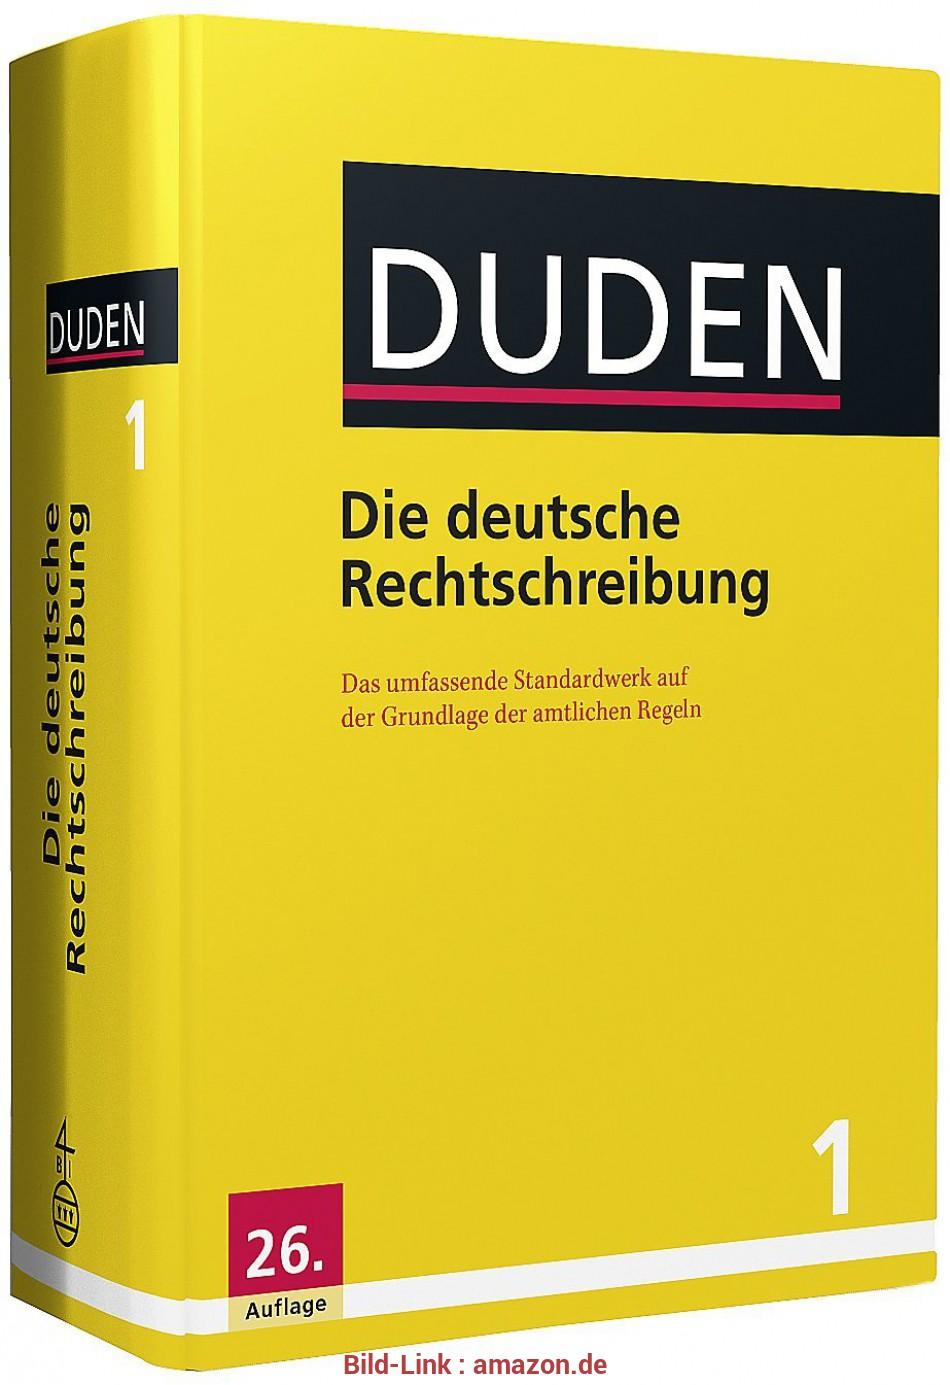 kuchen duden duden deutsche rechtschreibung umfassende standardwerk der grundlage aktuellen amtlichen regeln buch software duden deutsche 50